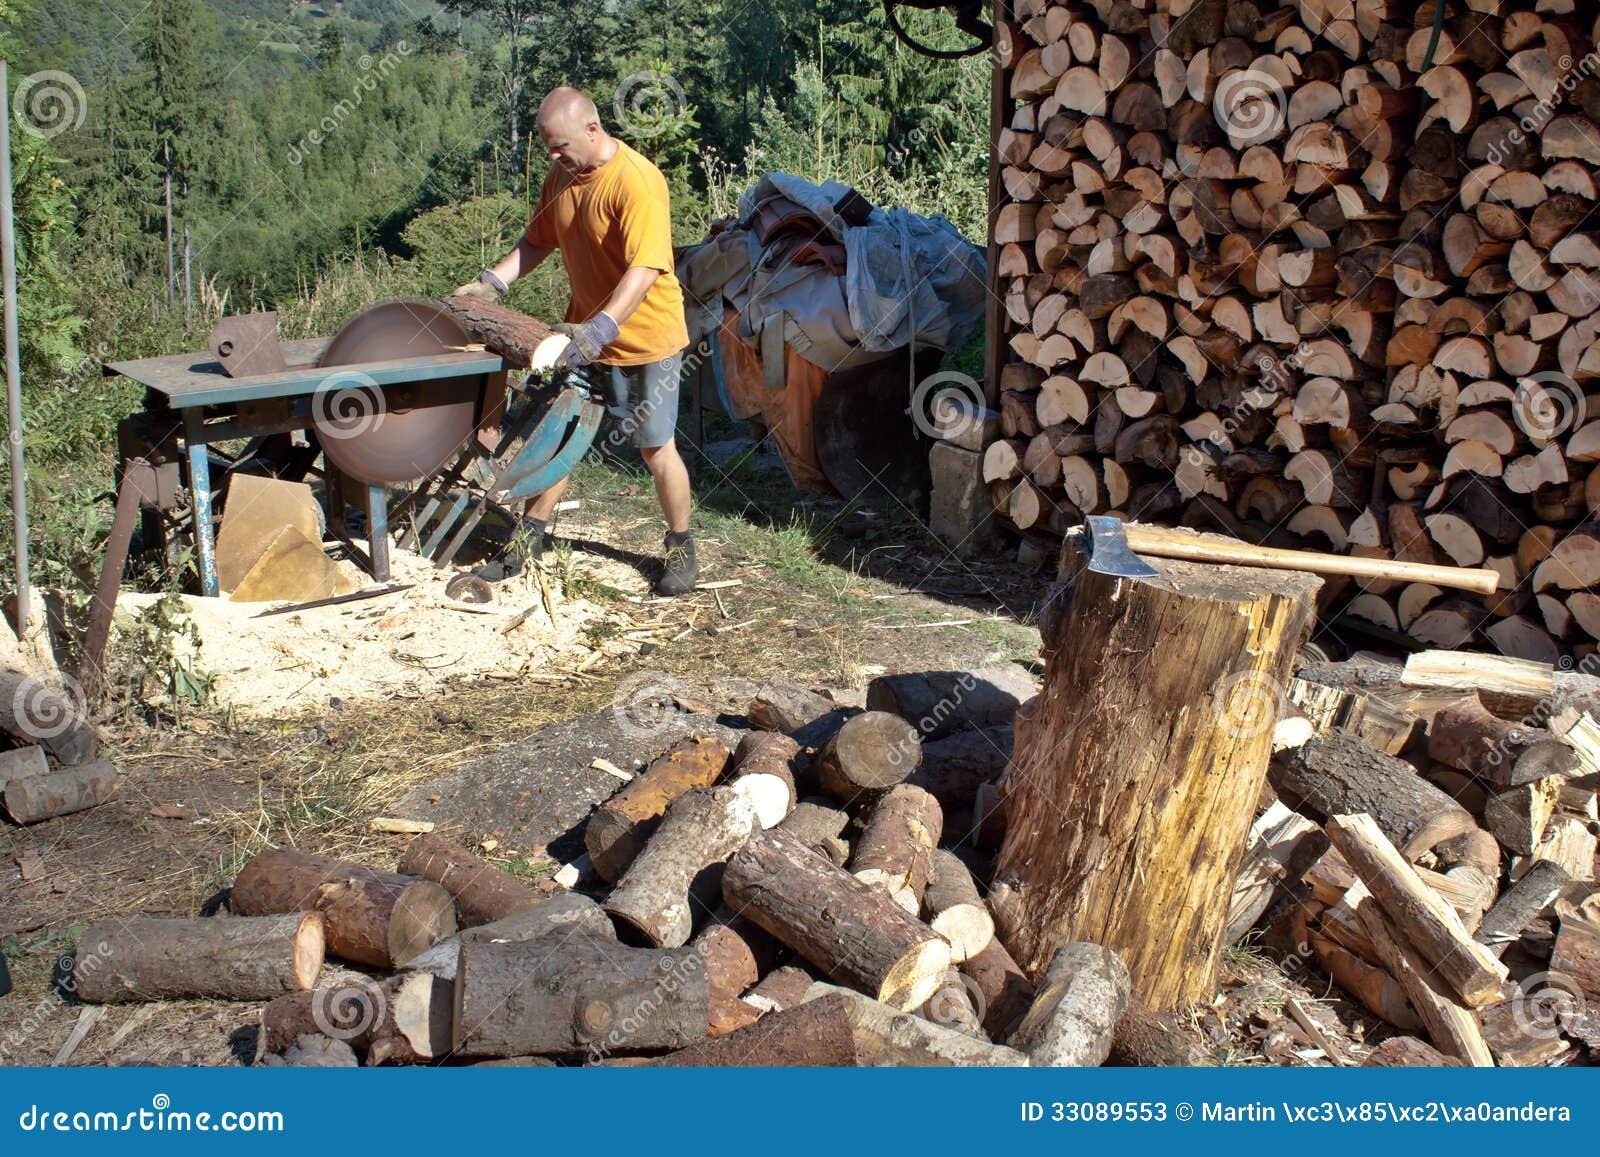 nenets woman cutting firewood - photo #11